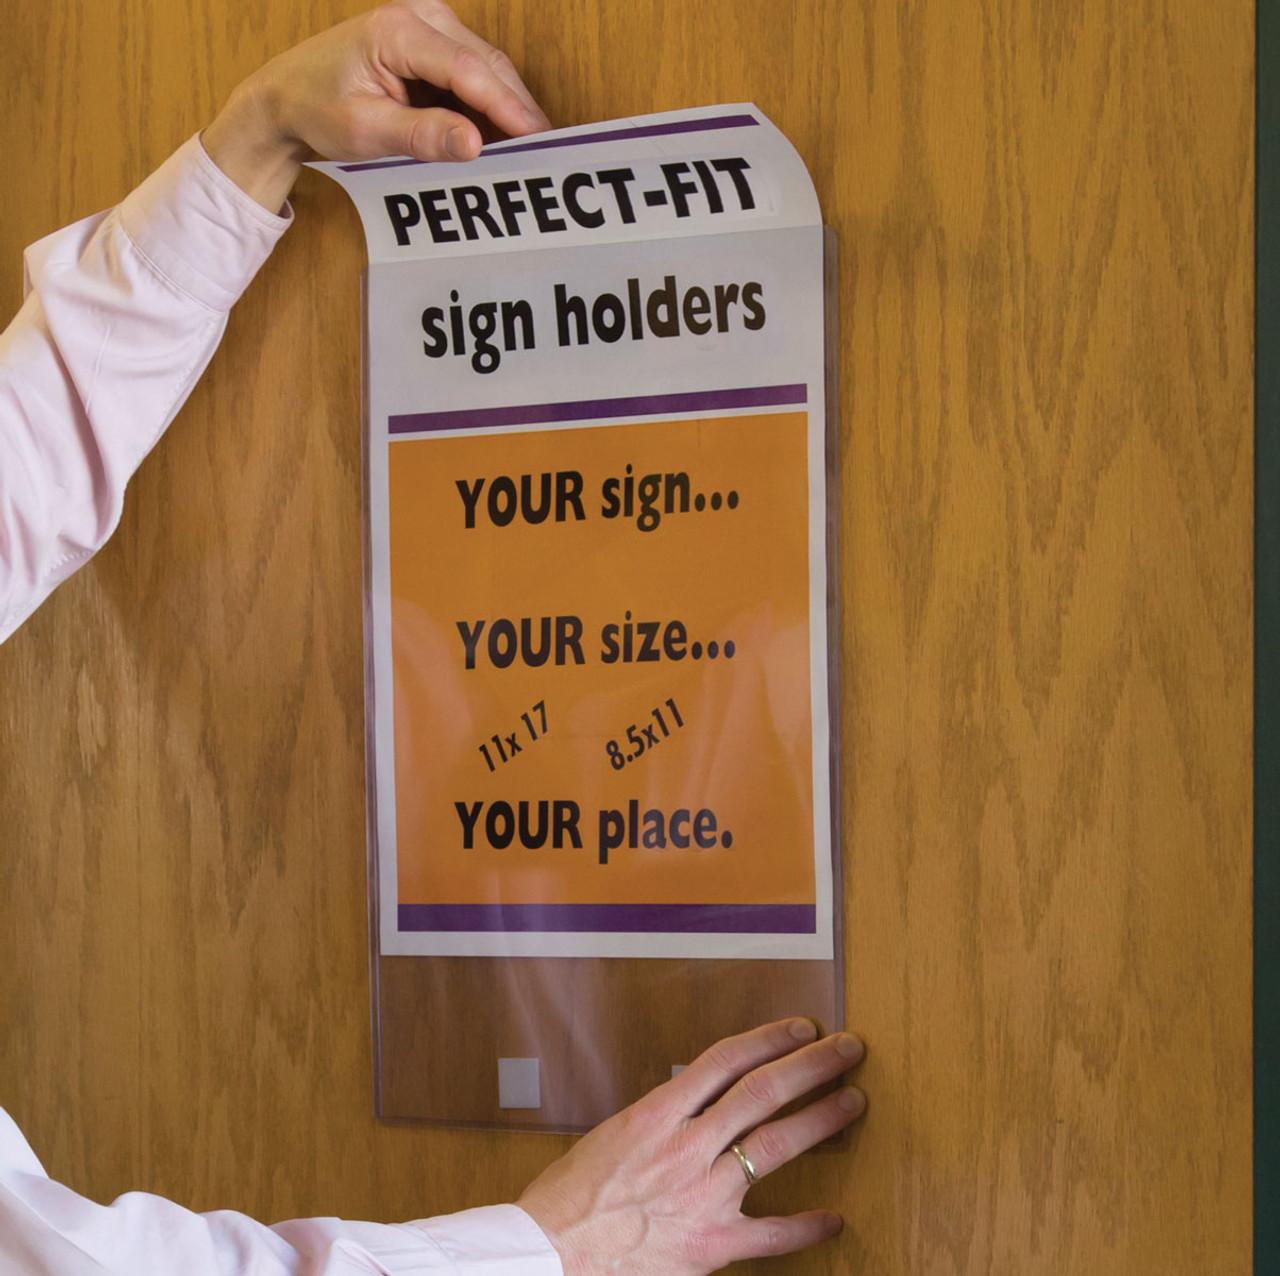 Hand sliding poster into 11x17 DocU-Sleeve on wooden office door